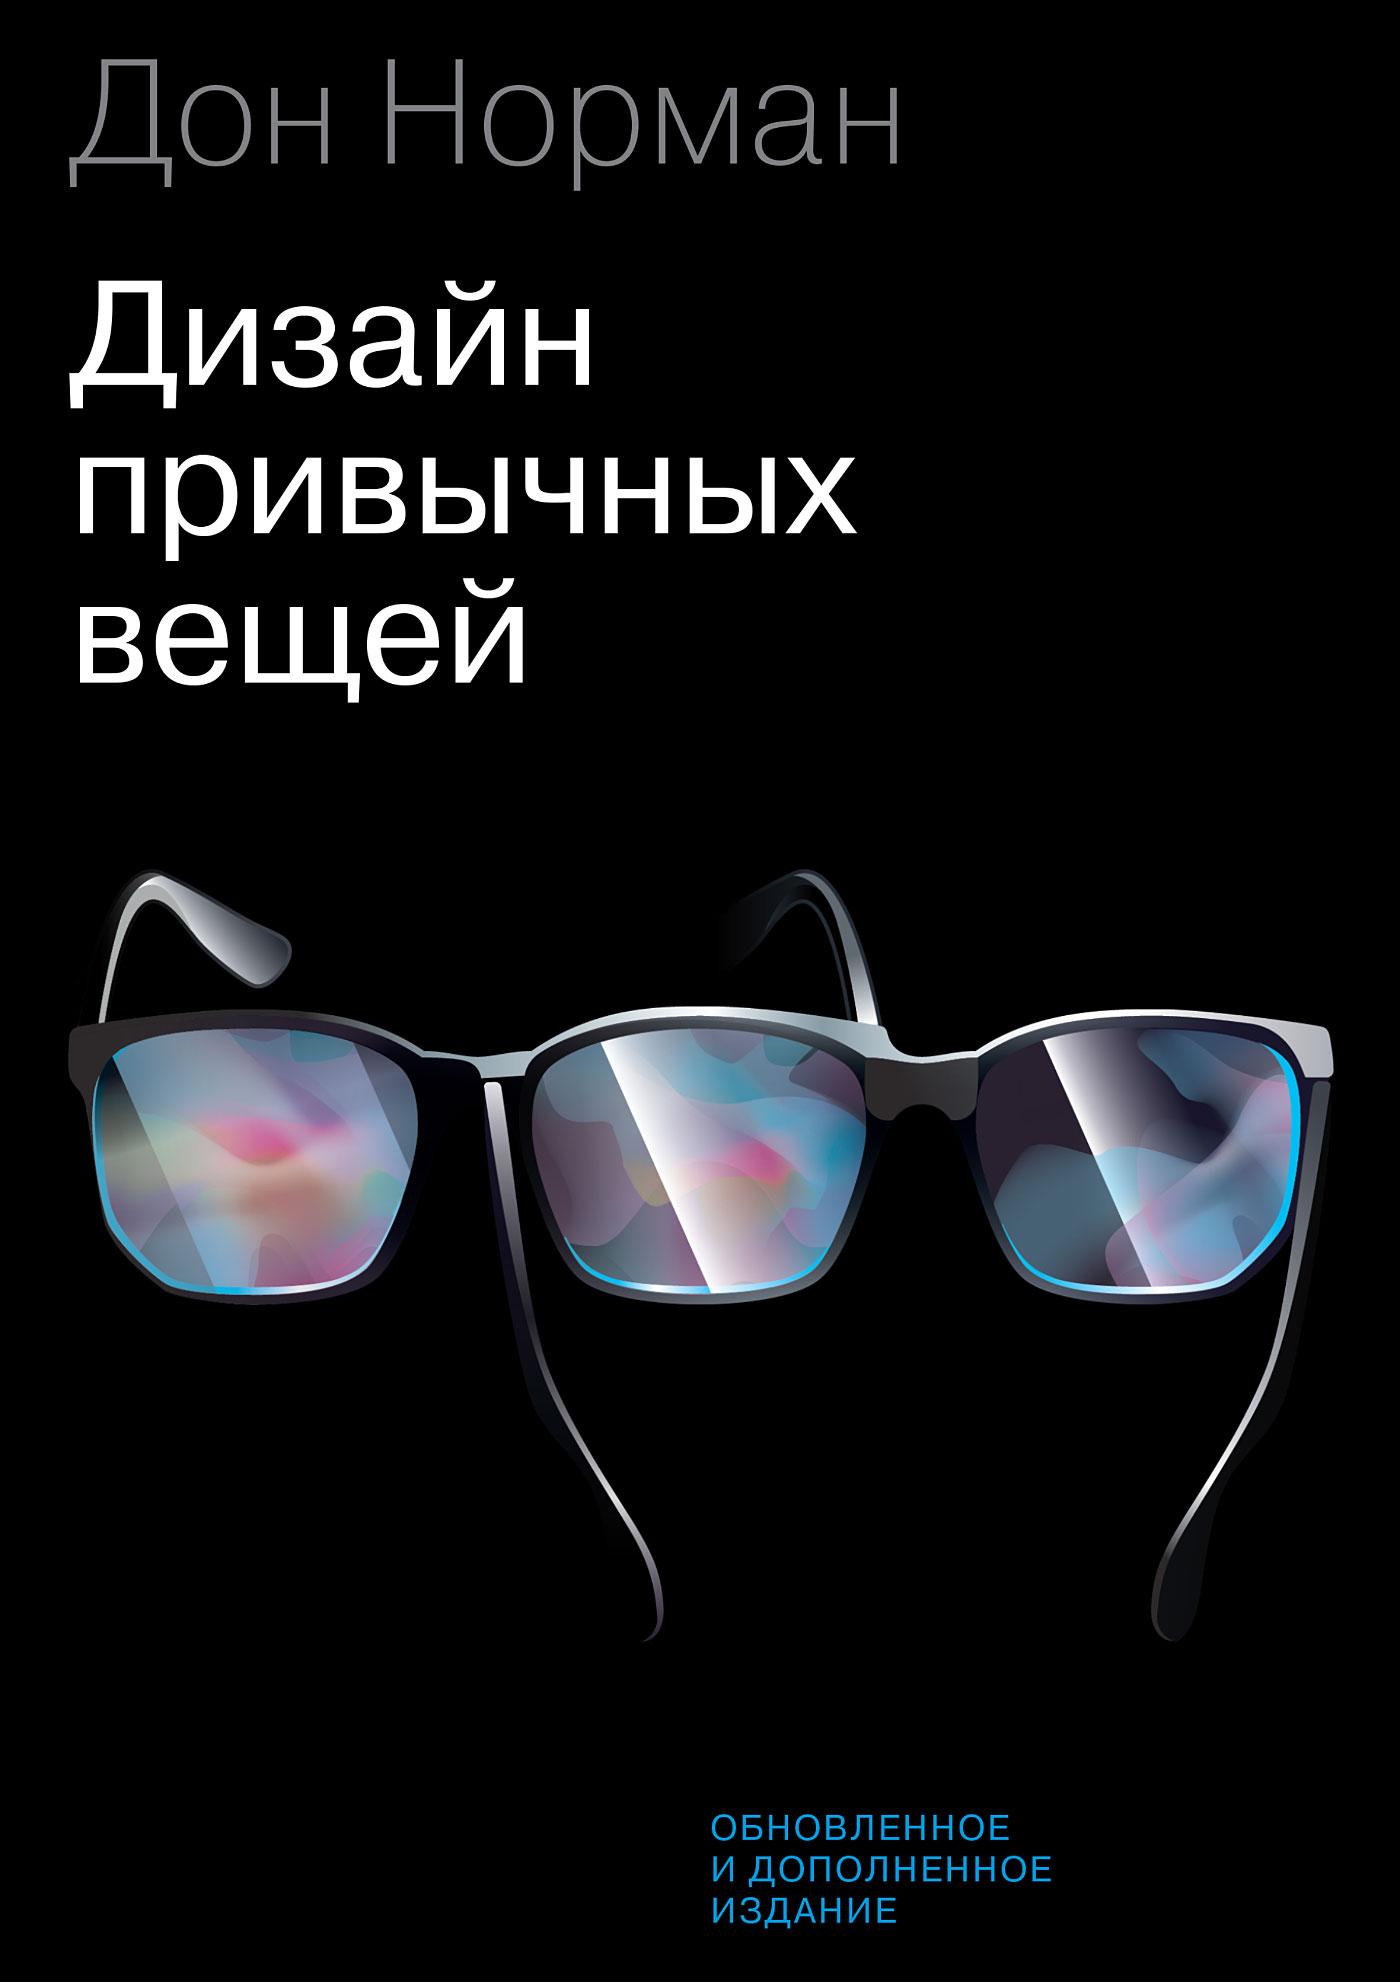 Купить книгу Дизайн привычных вещей, автора Дональда Нормана